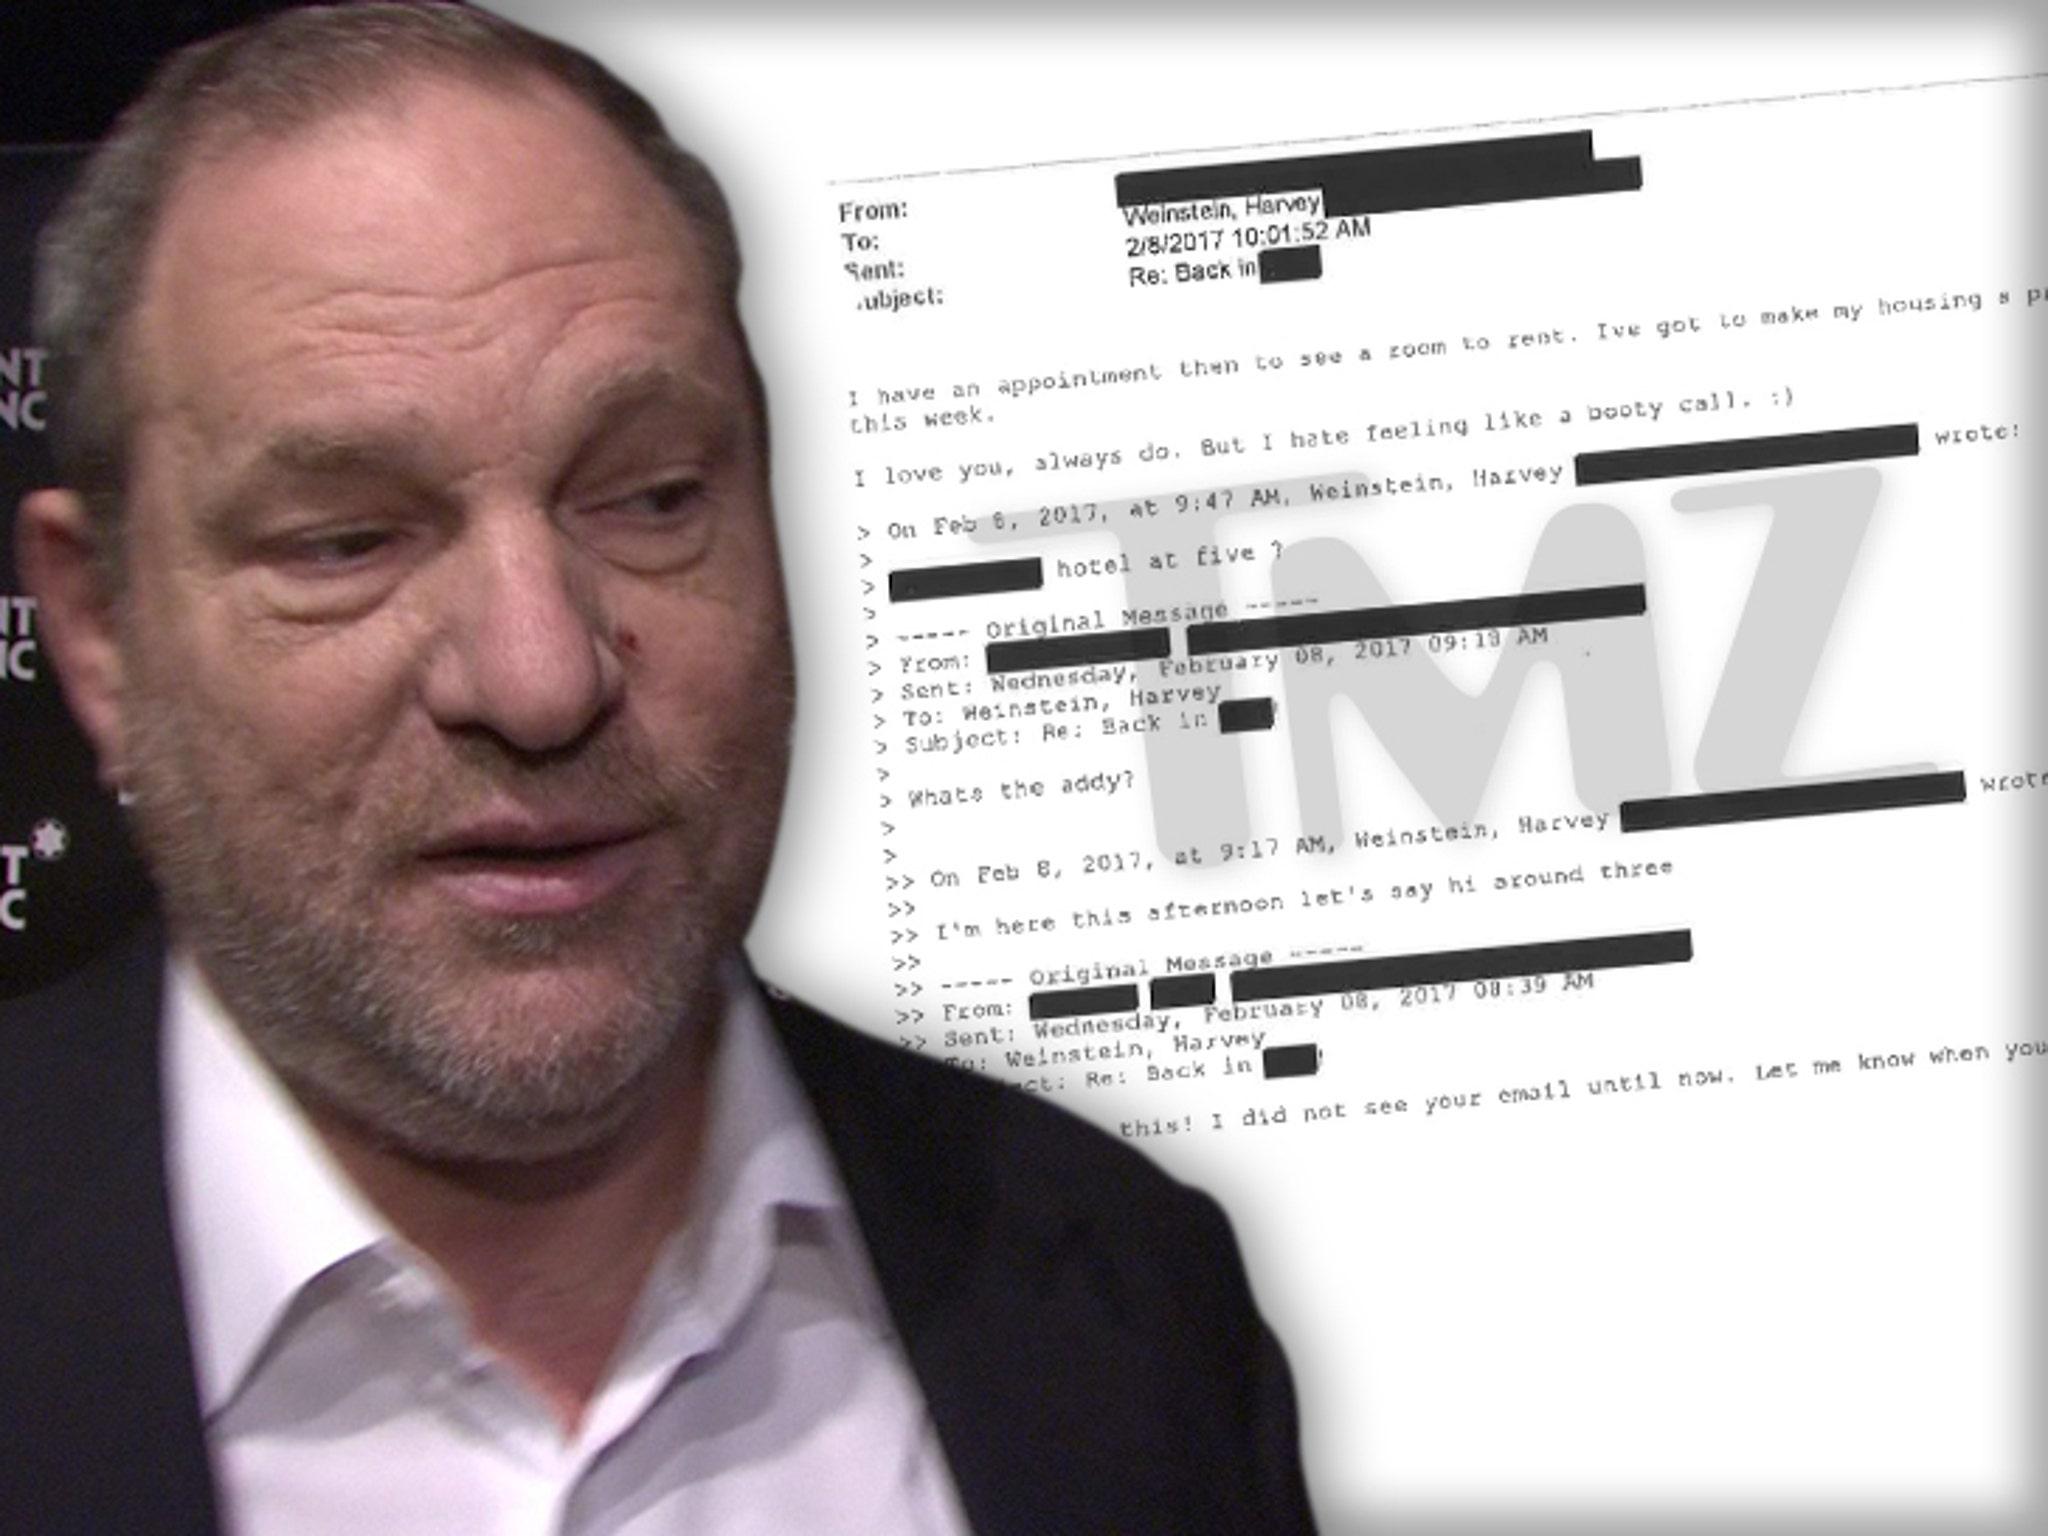 Harvey Weinstein's Alleged Victim Professed Love for Him After